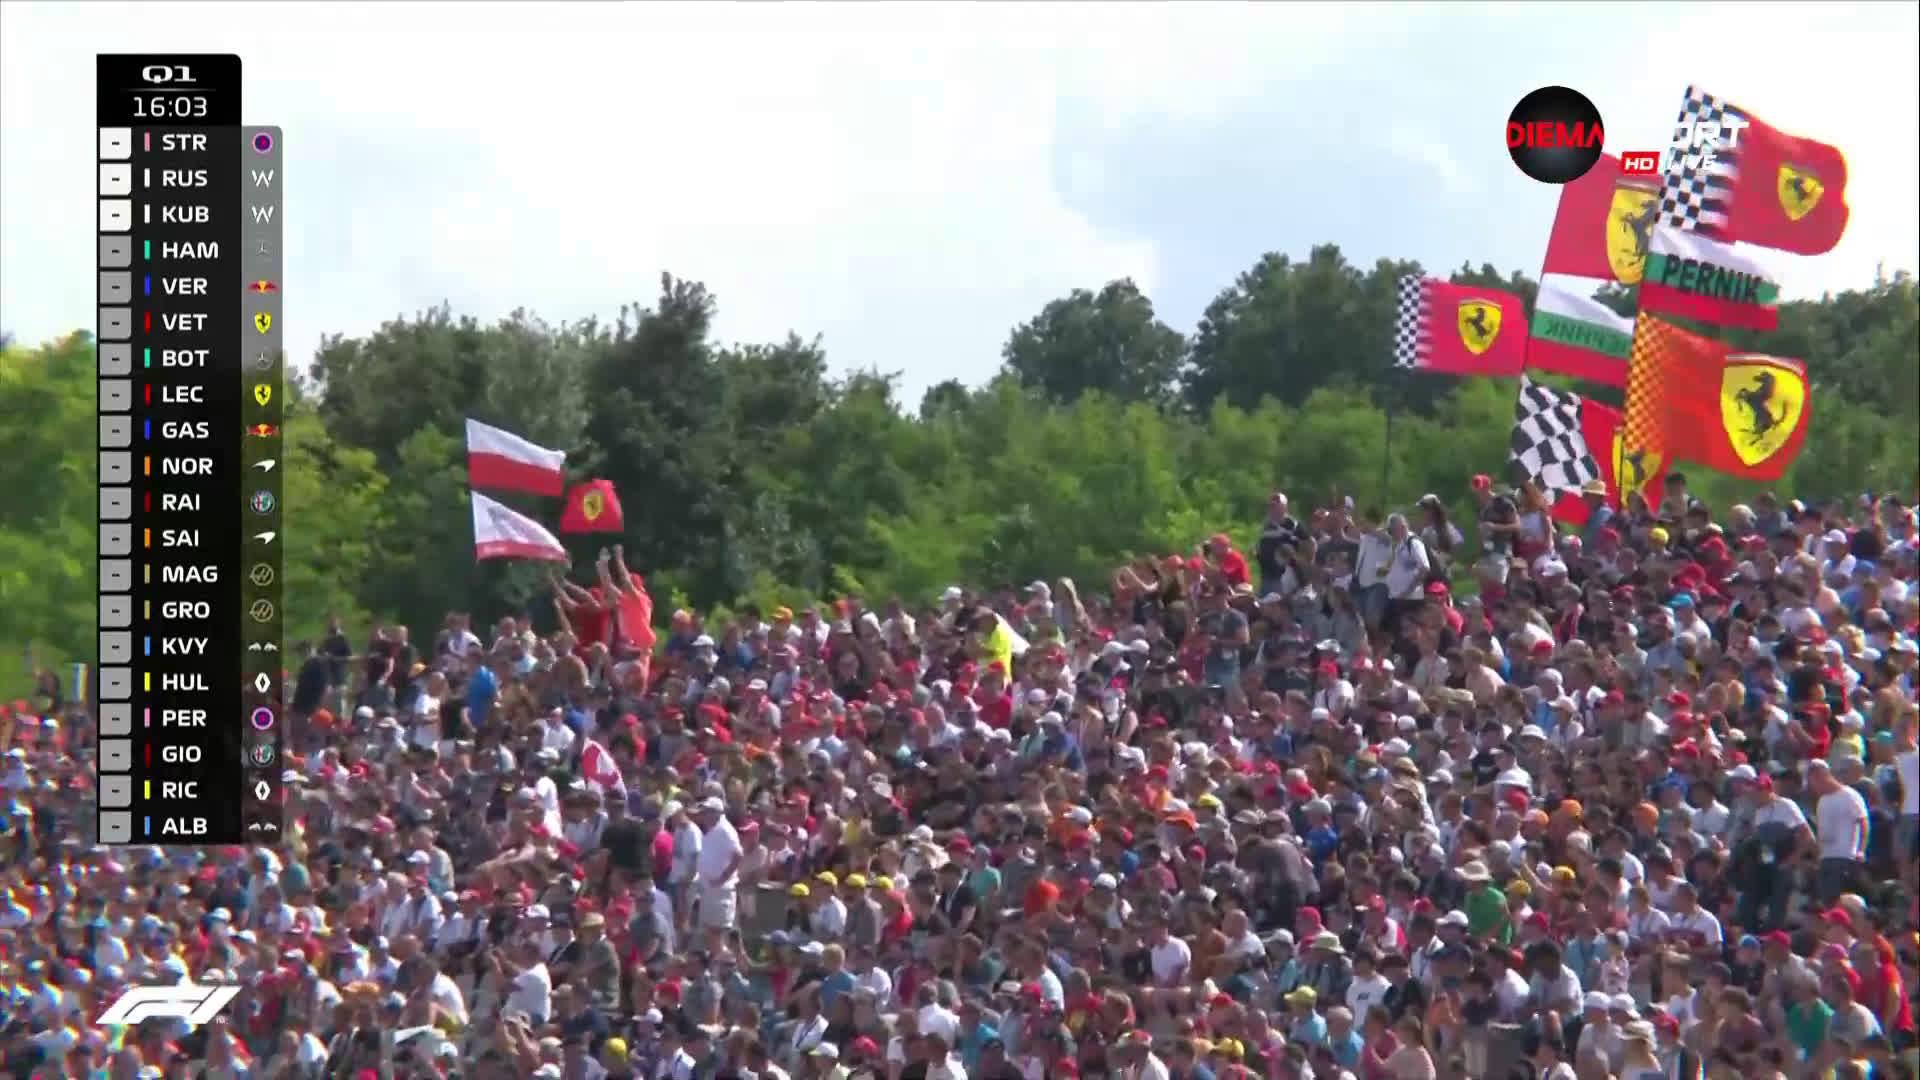 Български флагове украсиха квалификацията в Унгария